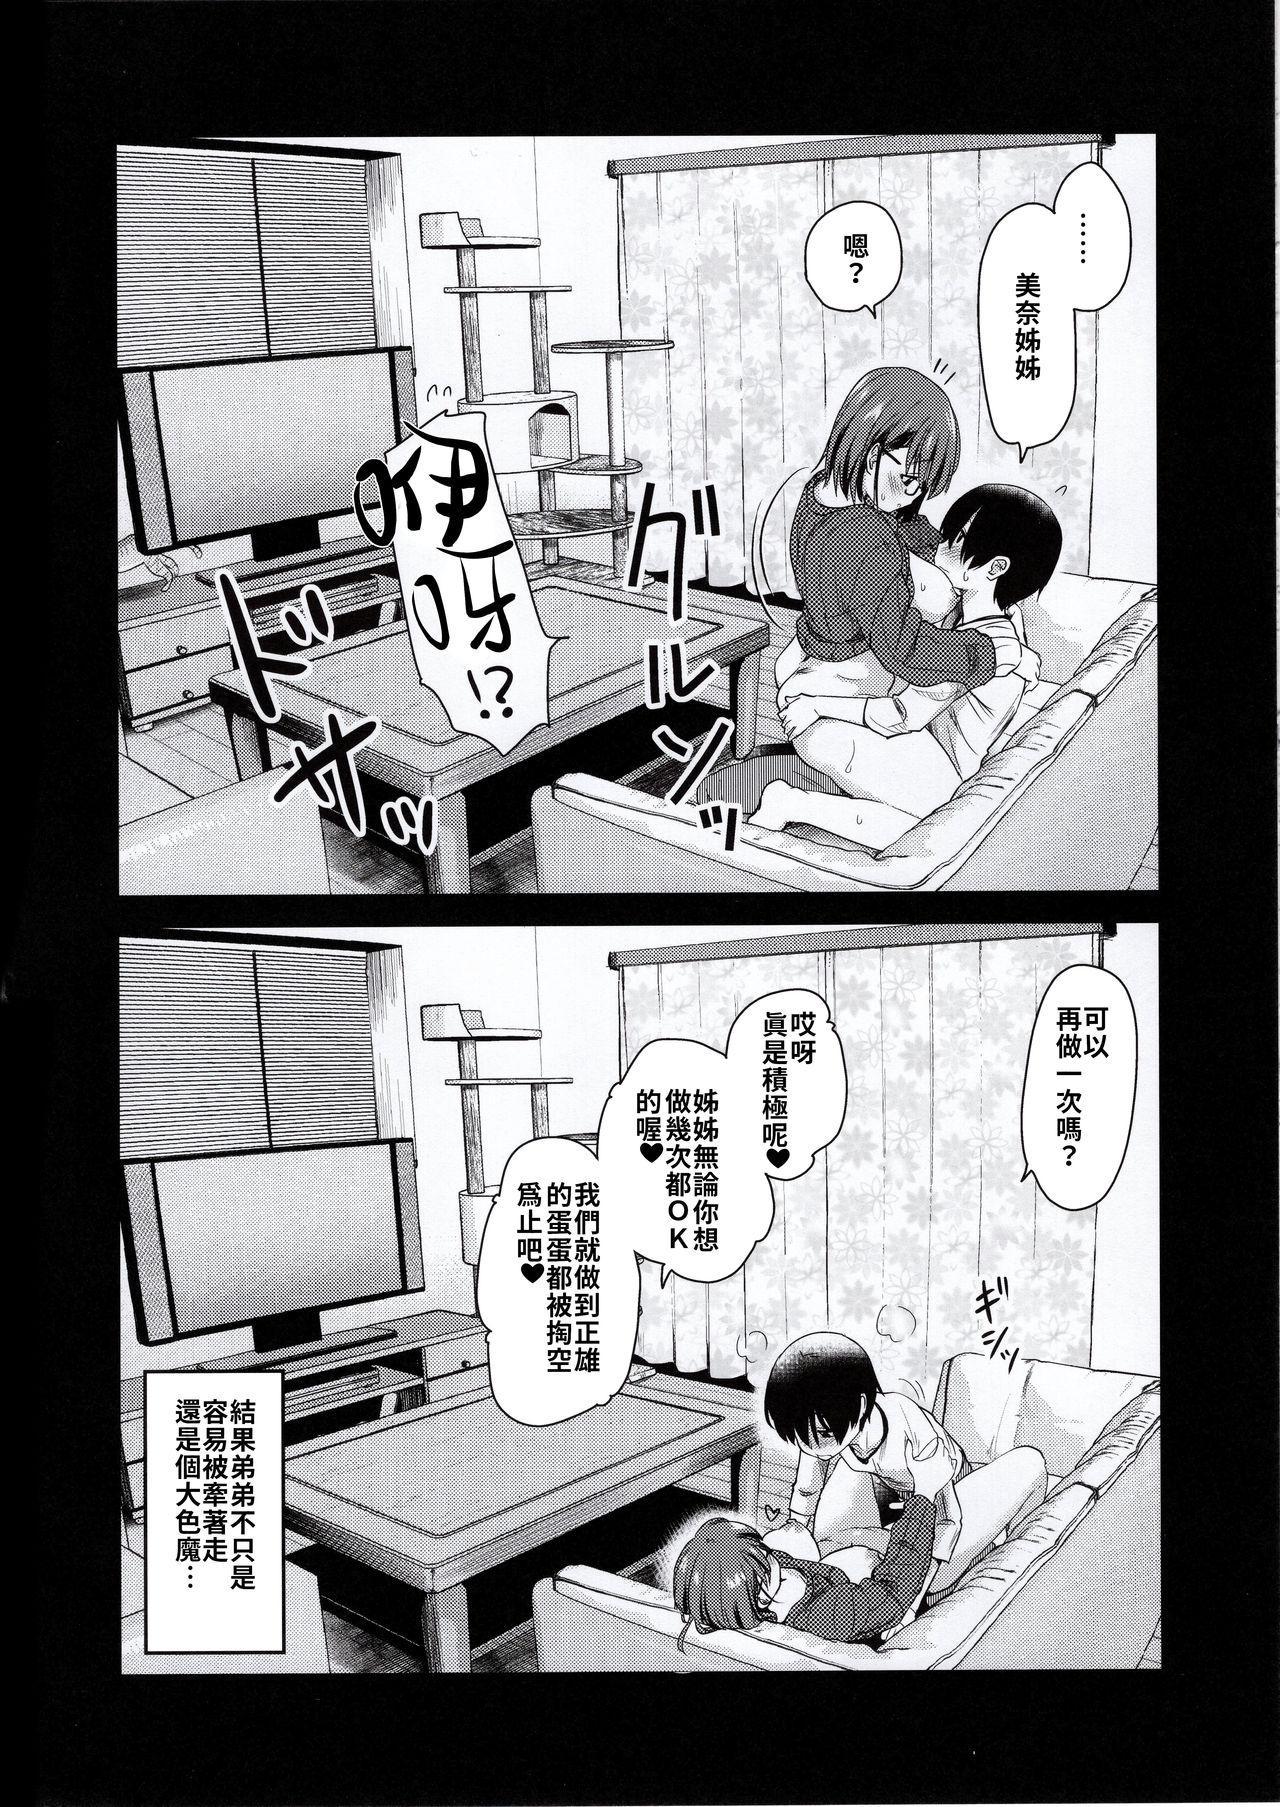 Pet Mimamori Camera ni Ane to Otouto no Sex ga Utsutteta. | 寵物監控拍到了姊姊與弟弟做愛的畫面。 24